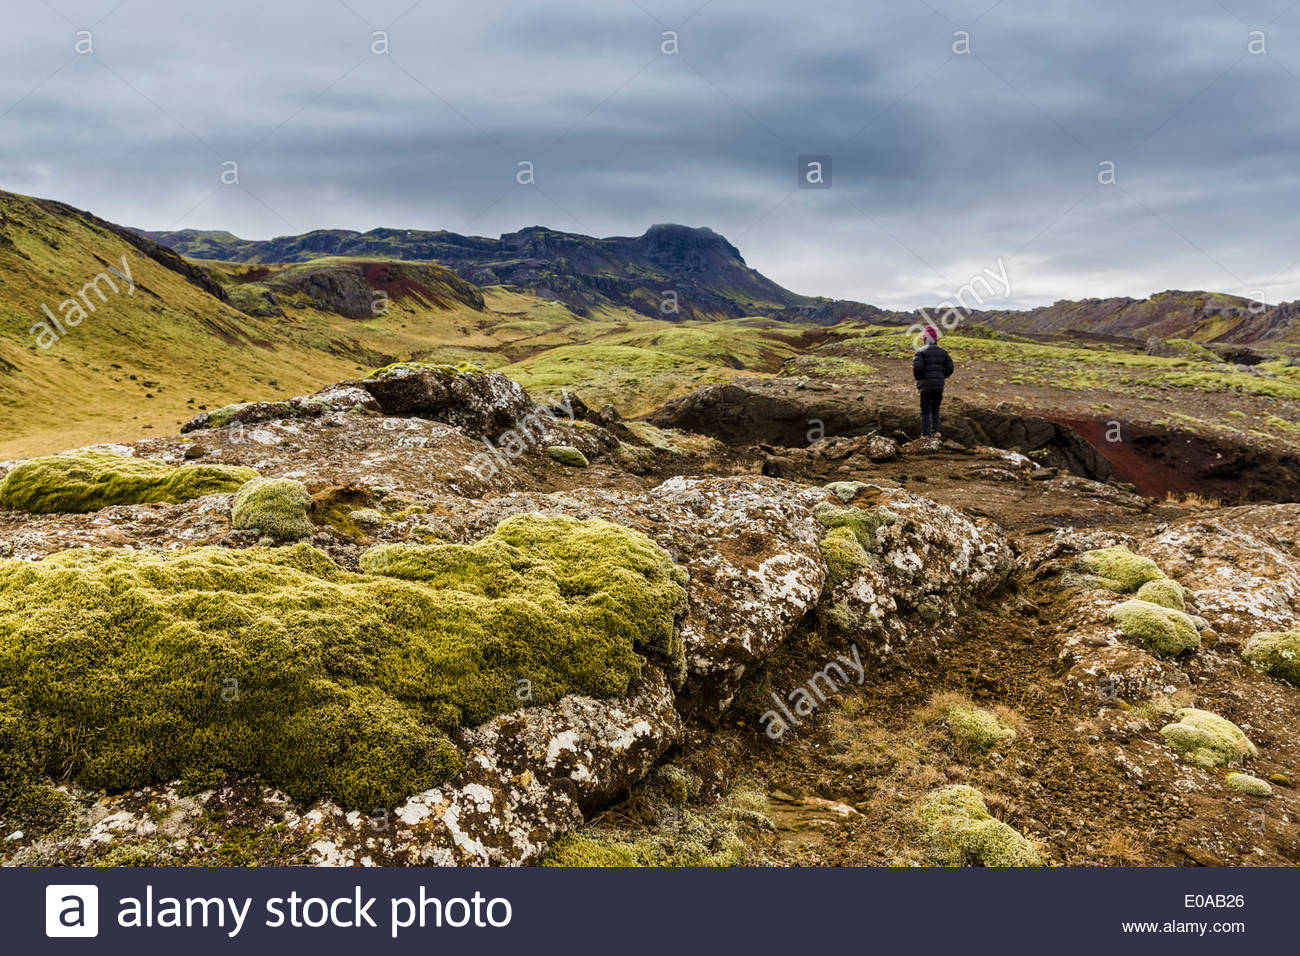 Boy gazing over volcanic landscape, Nesjavellir, Iceland - Stock Image